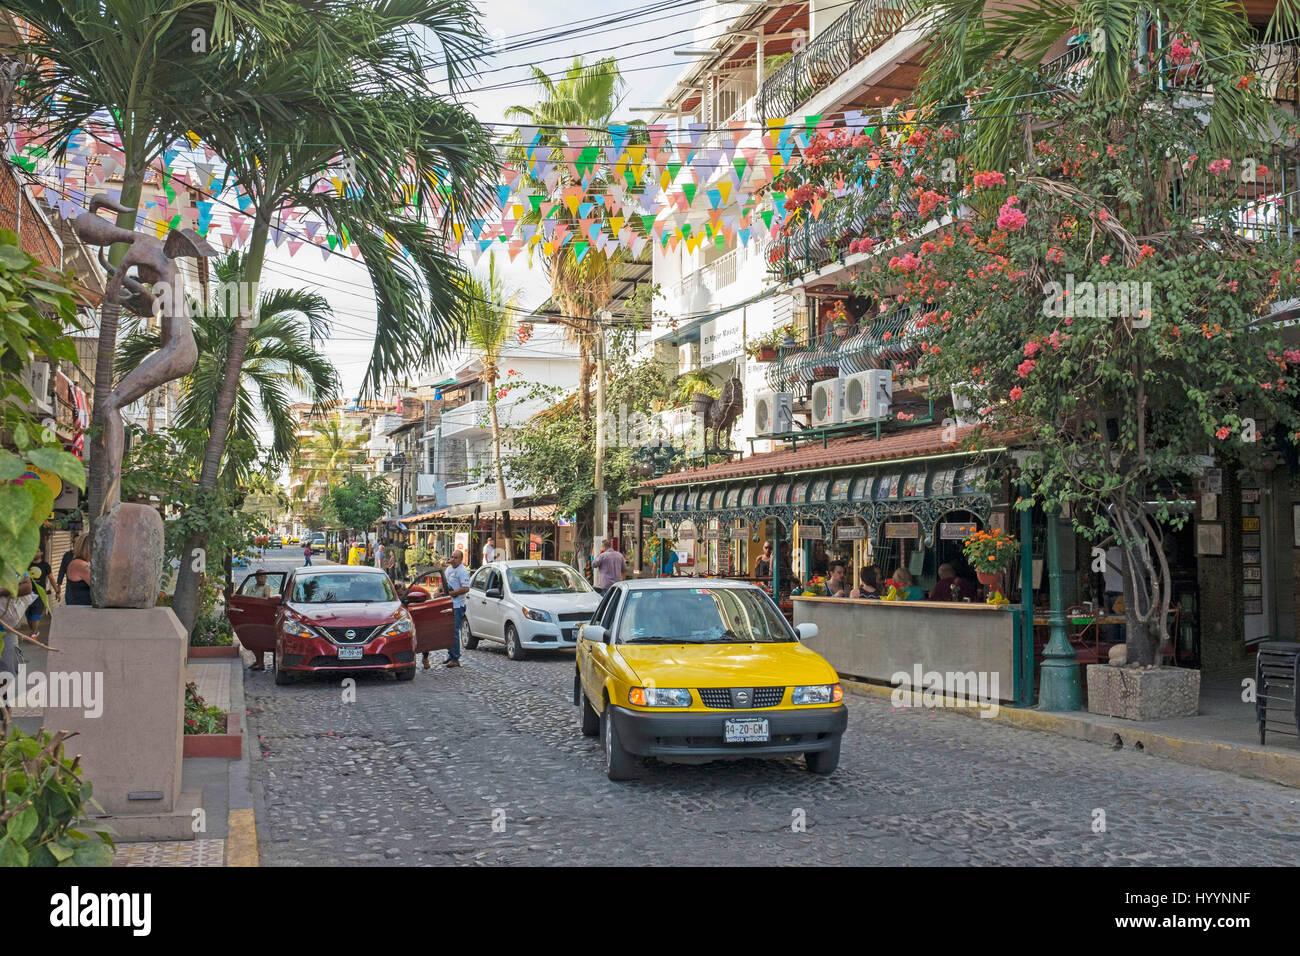 Old Town Road en la Zona Romántica, Puerto Vallarta, México Imagen De Stock